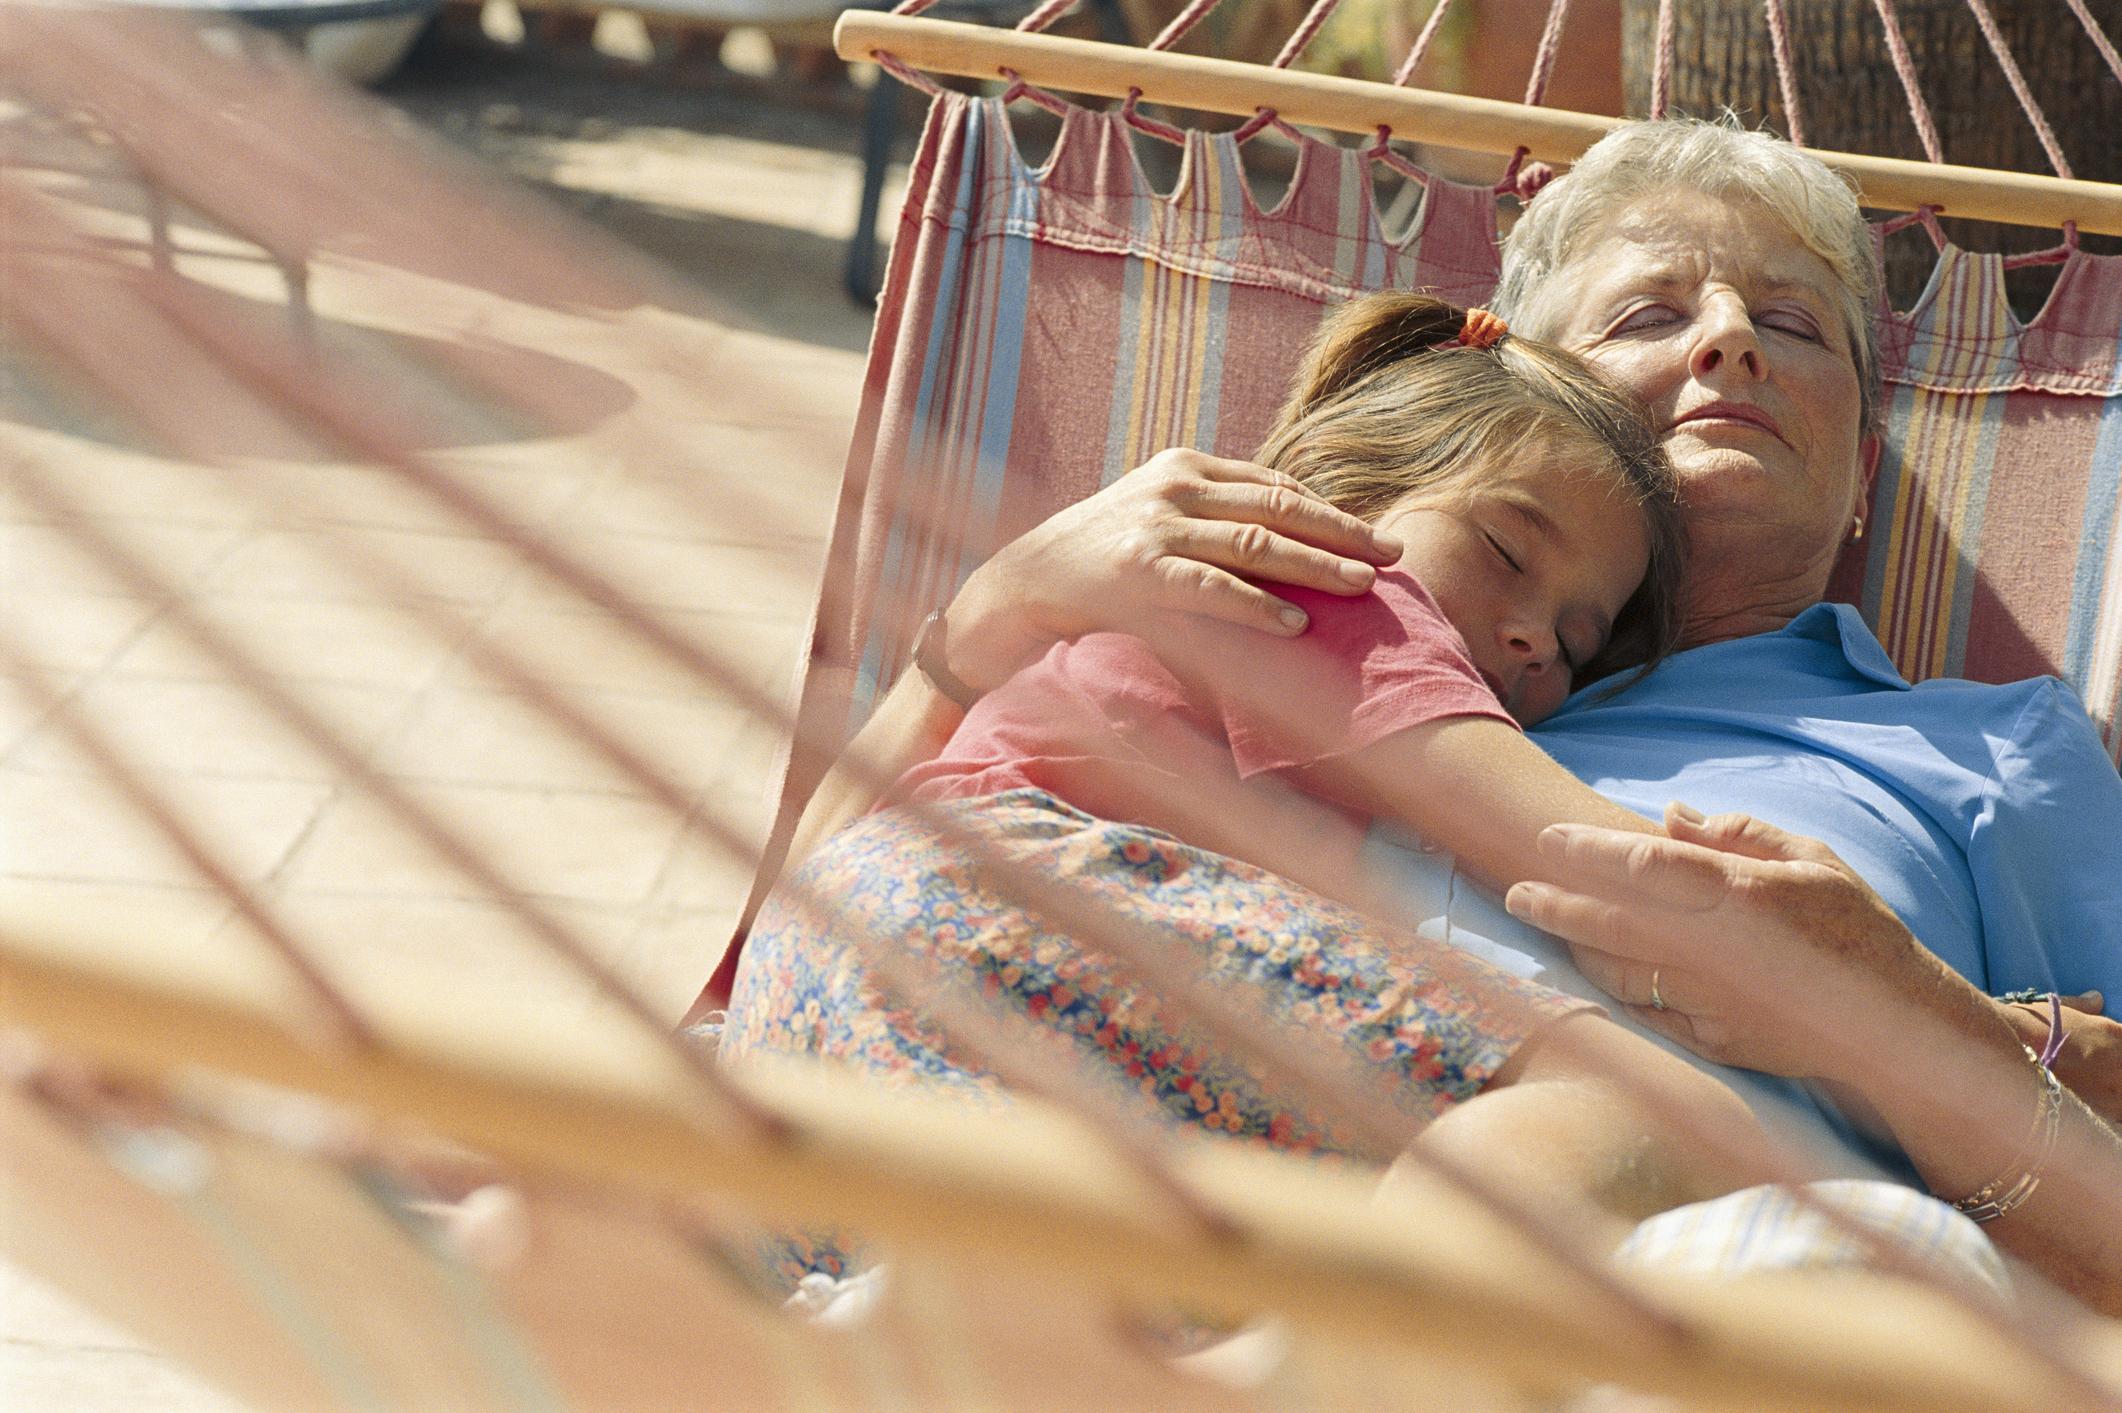 Így szeretni tényleg csak a nagyszülők képesek